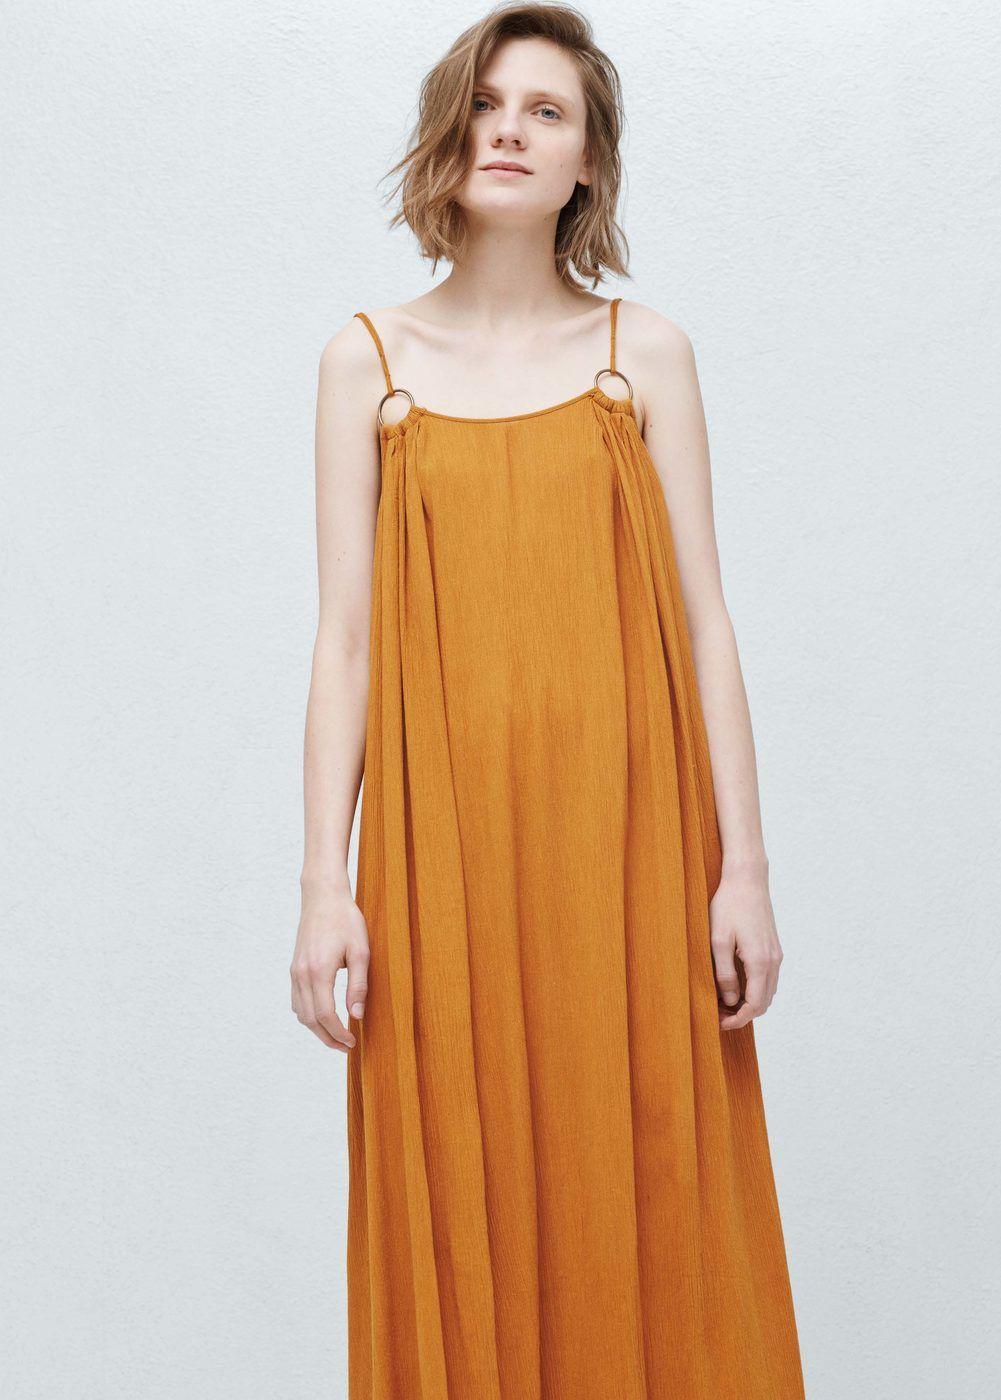 89e7faf4a646 Long cotton dress - Women   Beautiful Bridesmaids   Pinterest ...